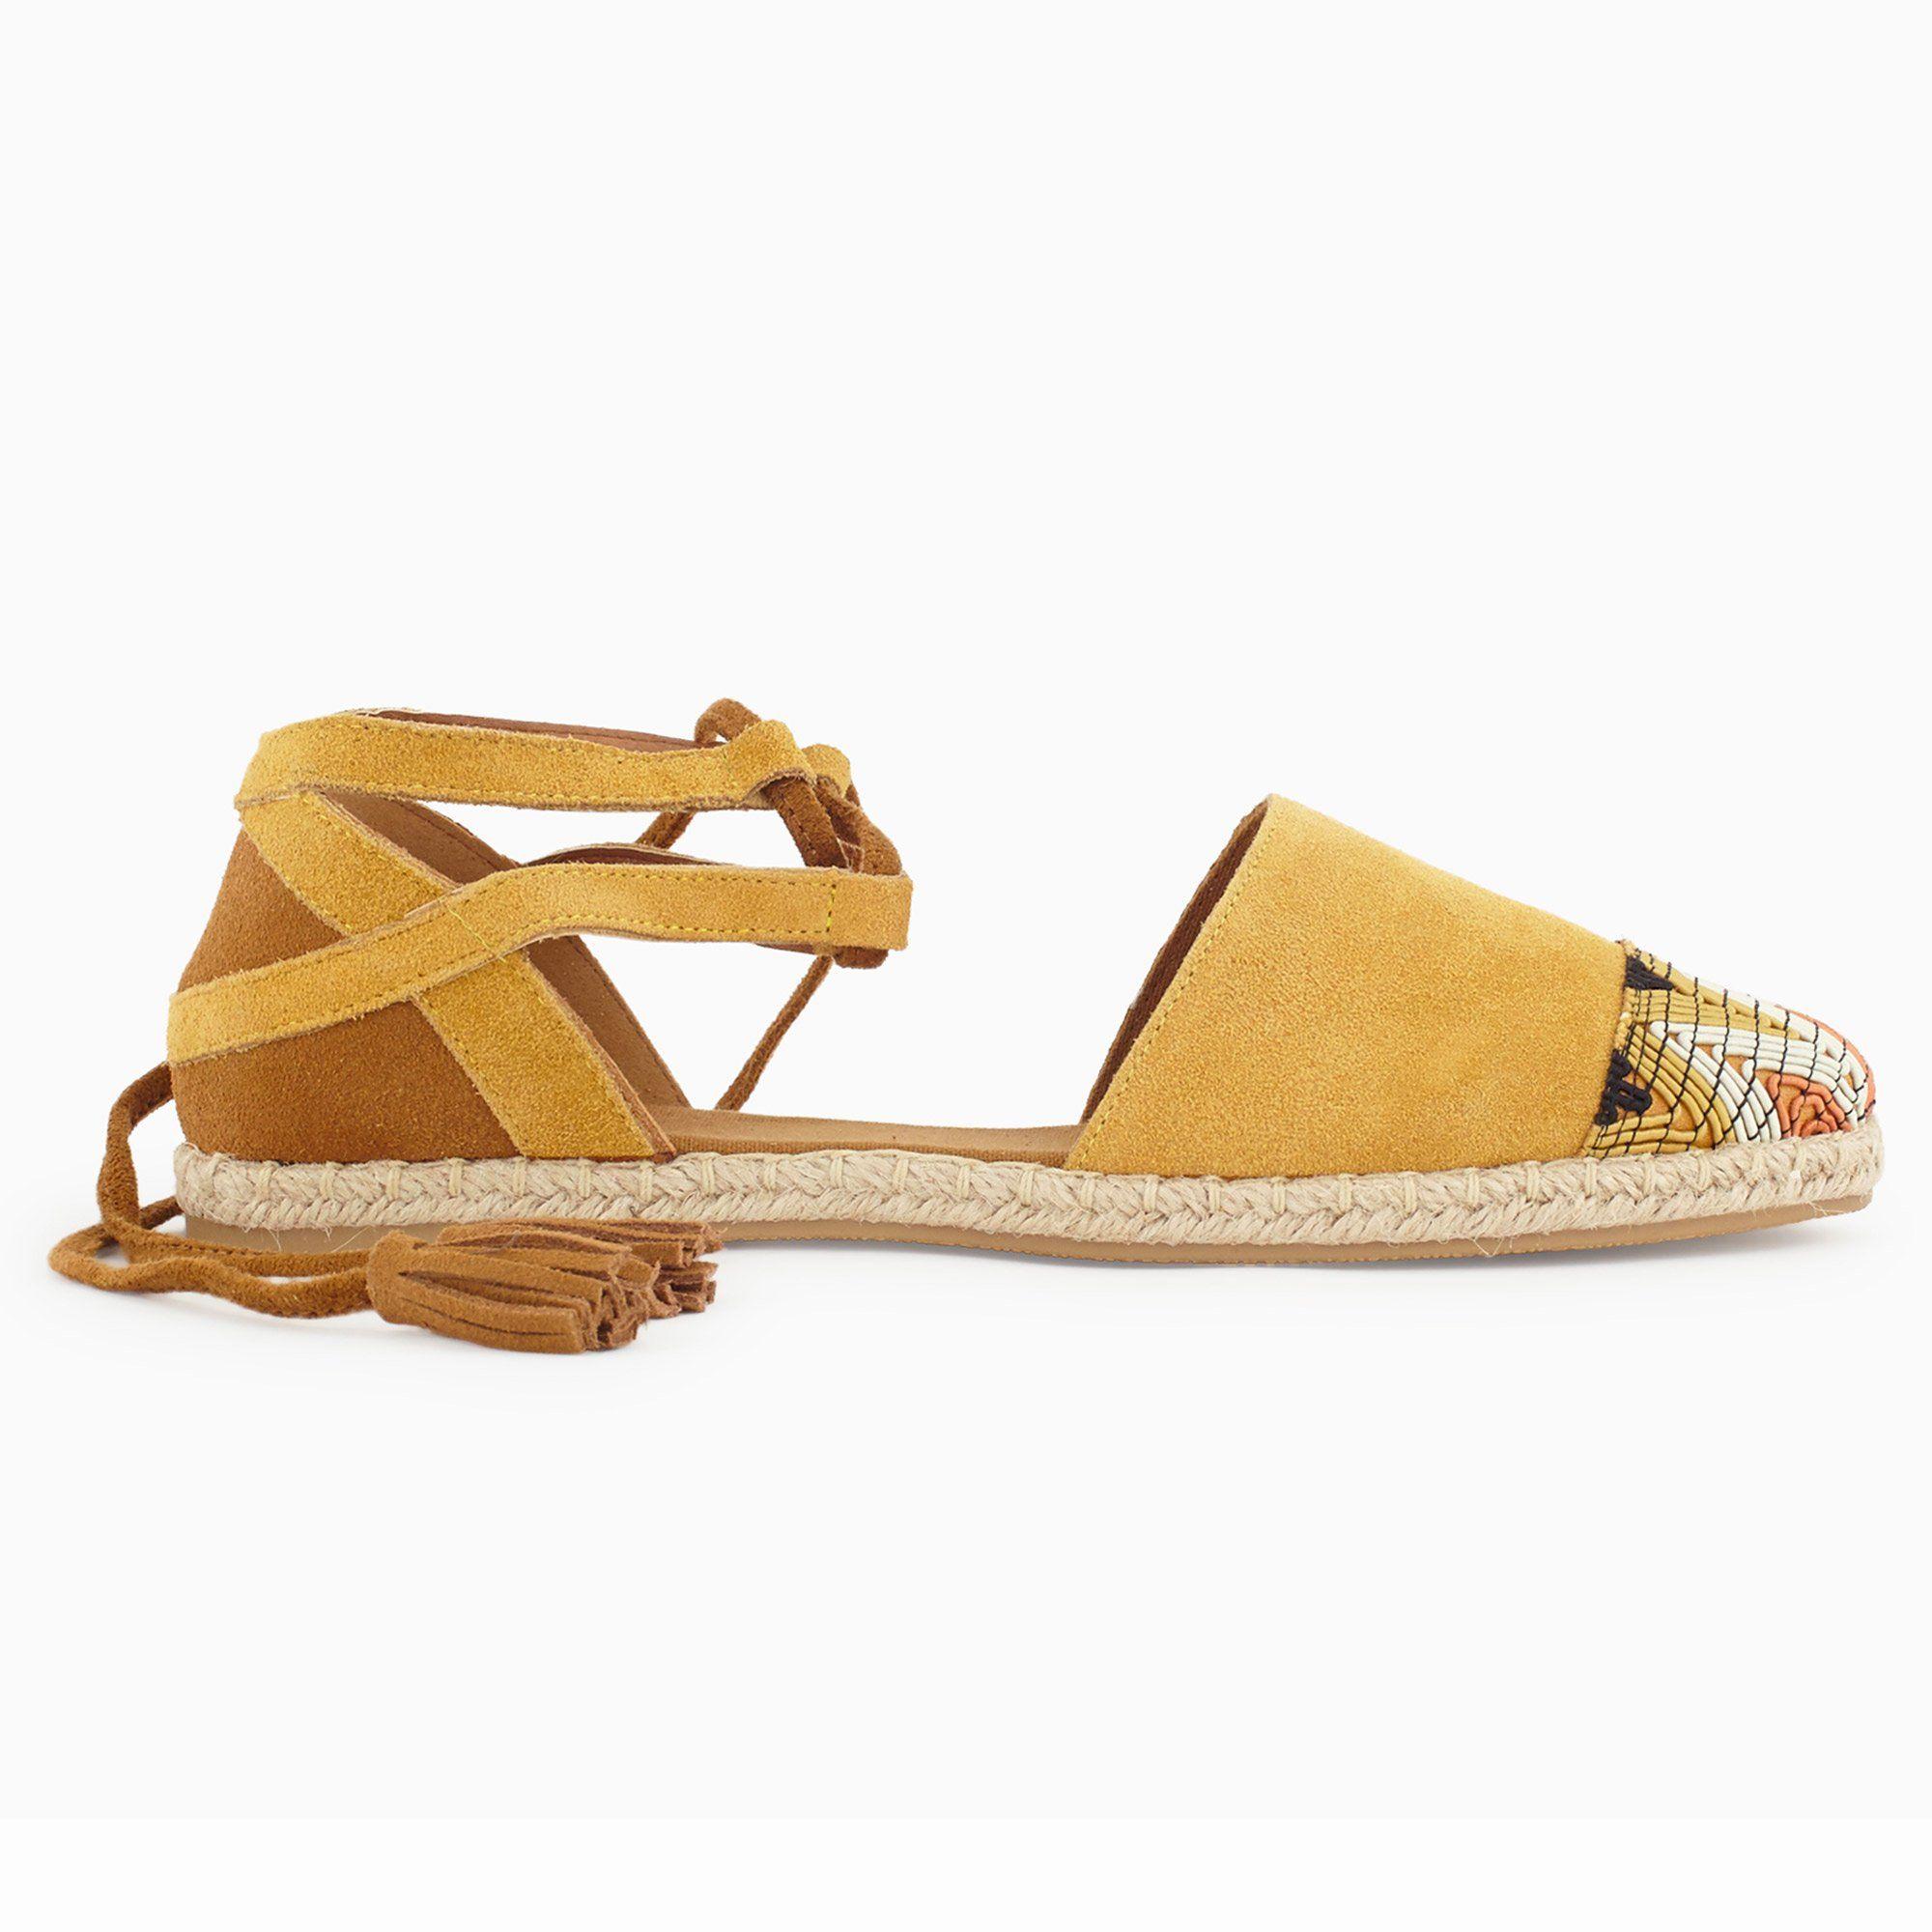 sélection premium nombreux dans la variété la clientèle d'abord 25 paires d'espadrilles à adopter tout l'été | 鞋子